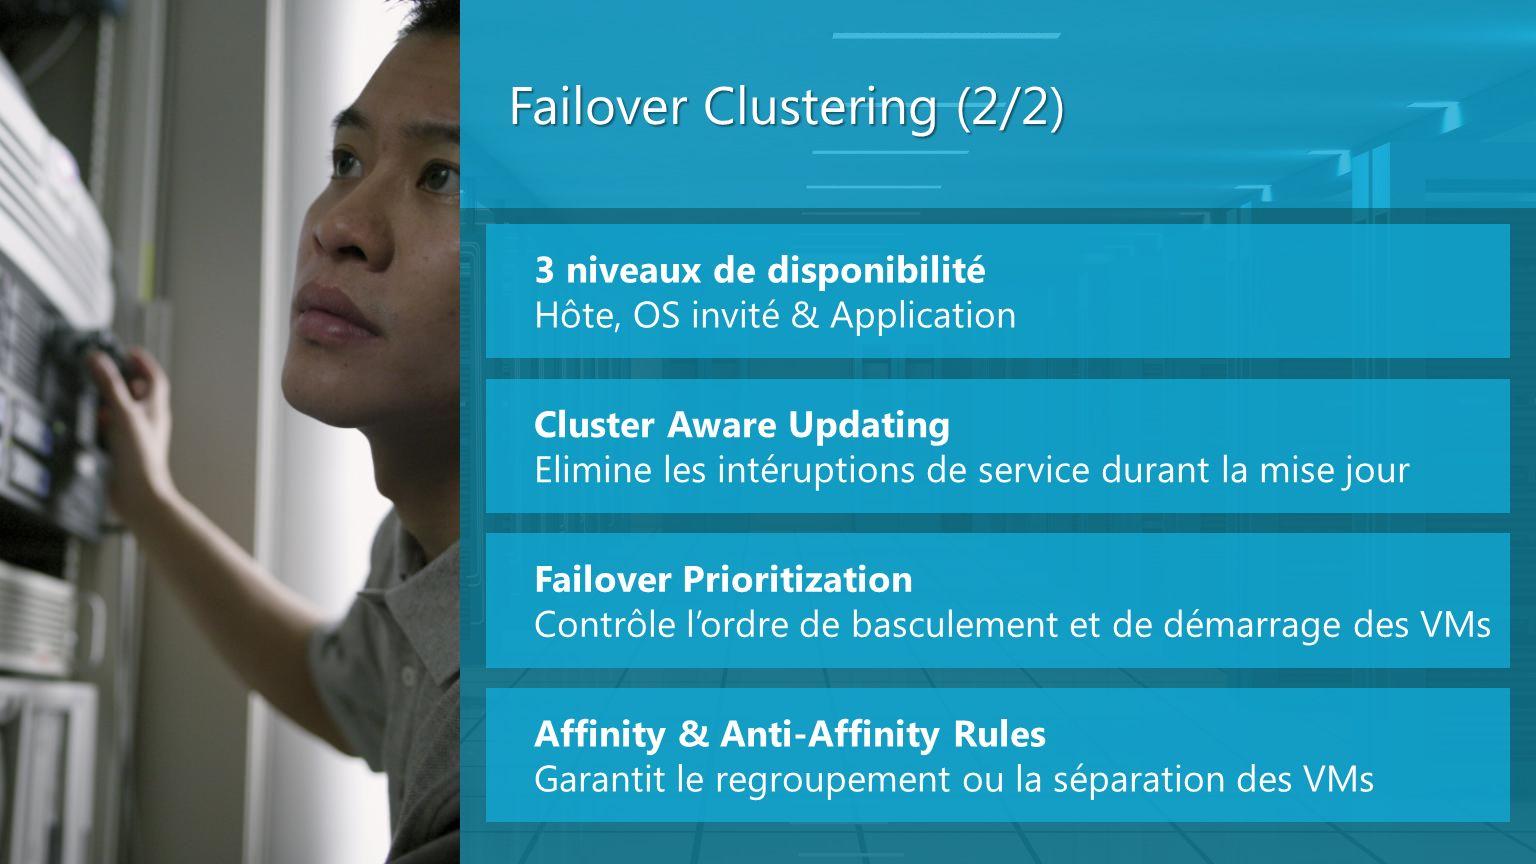 Failover Clustering (2/2) 3 niveaux de disponibilité Hôte, OS invité & Application Cluster Aware Updating Elimine les intéruptions de service durant l